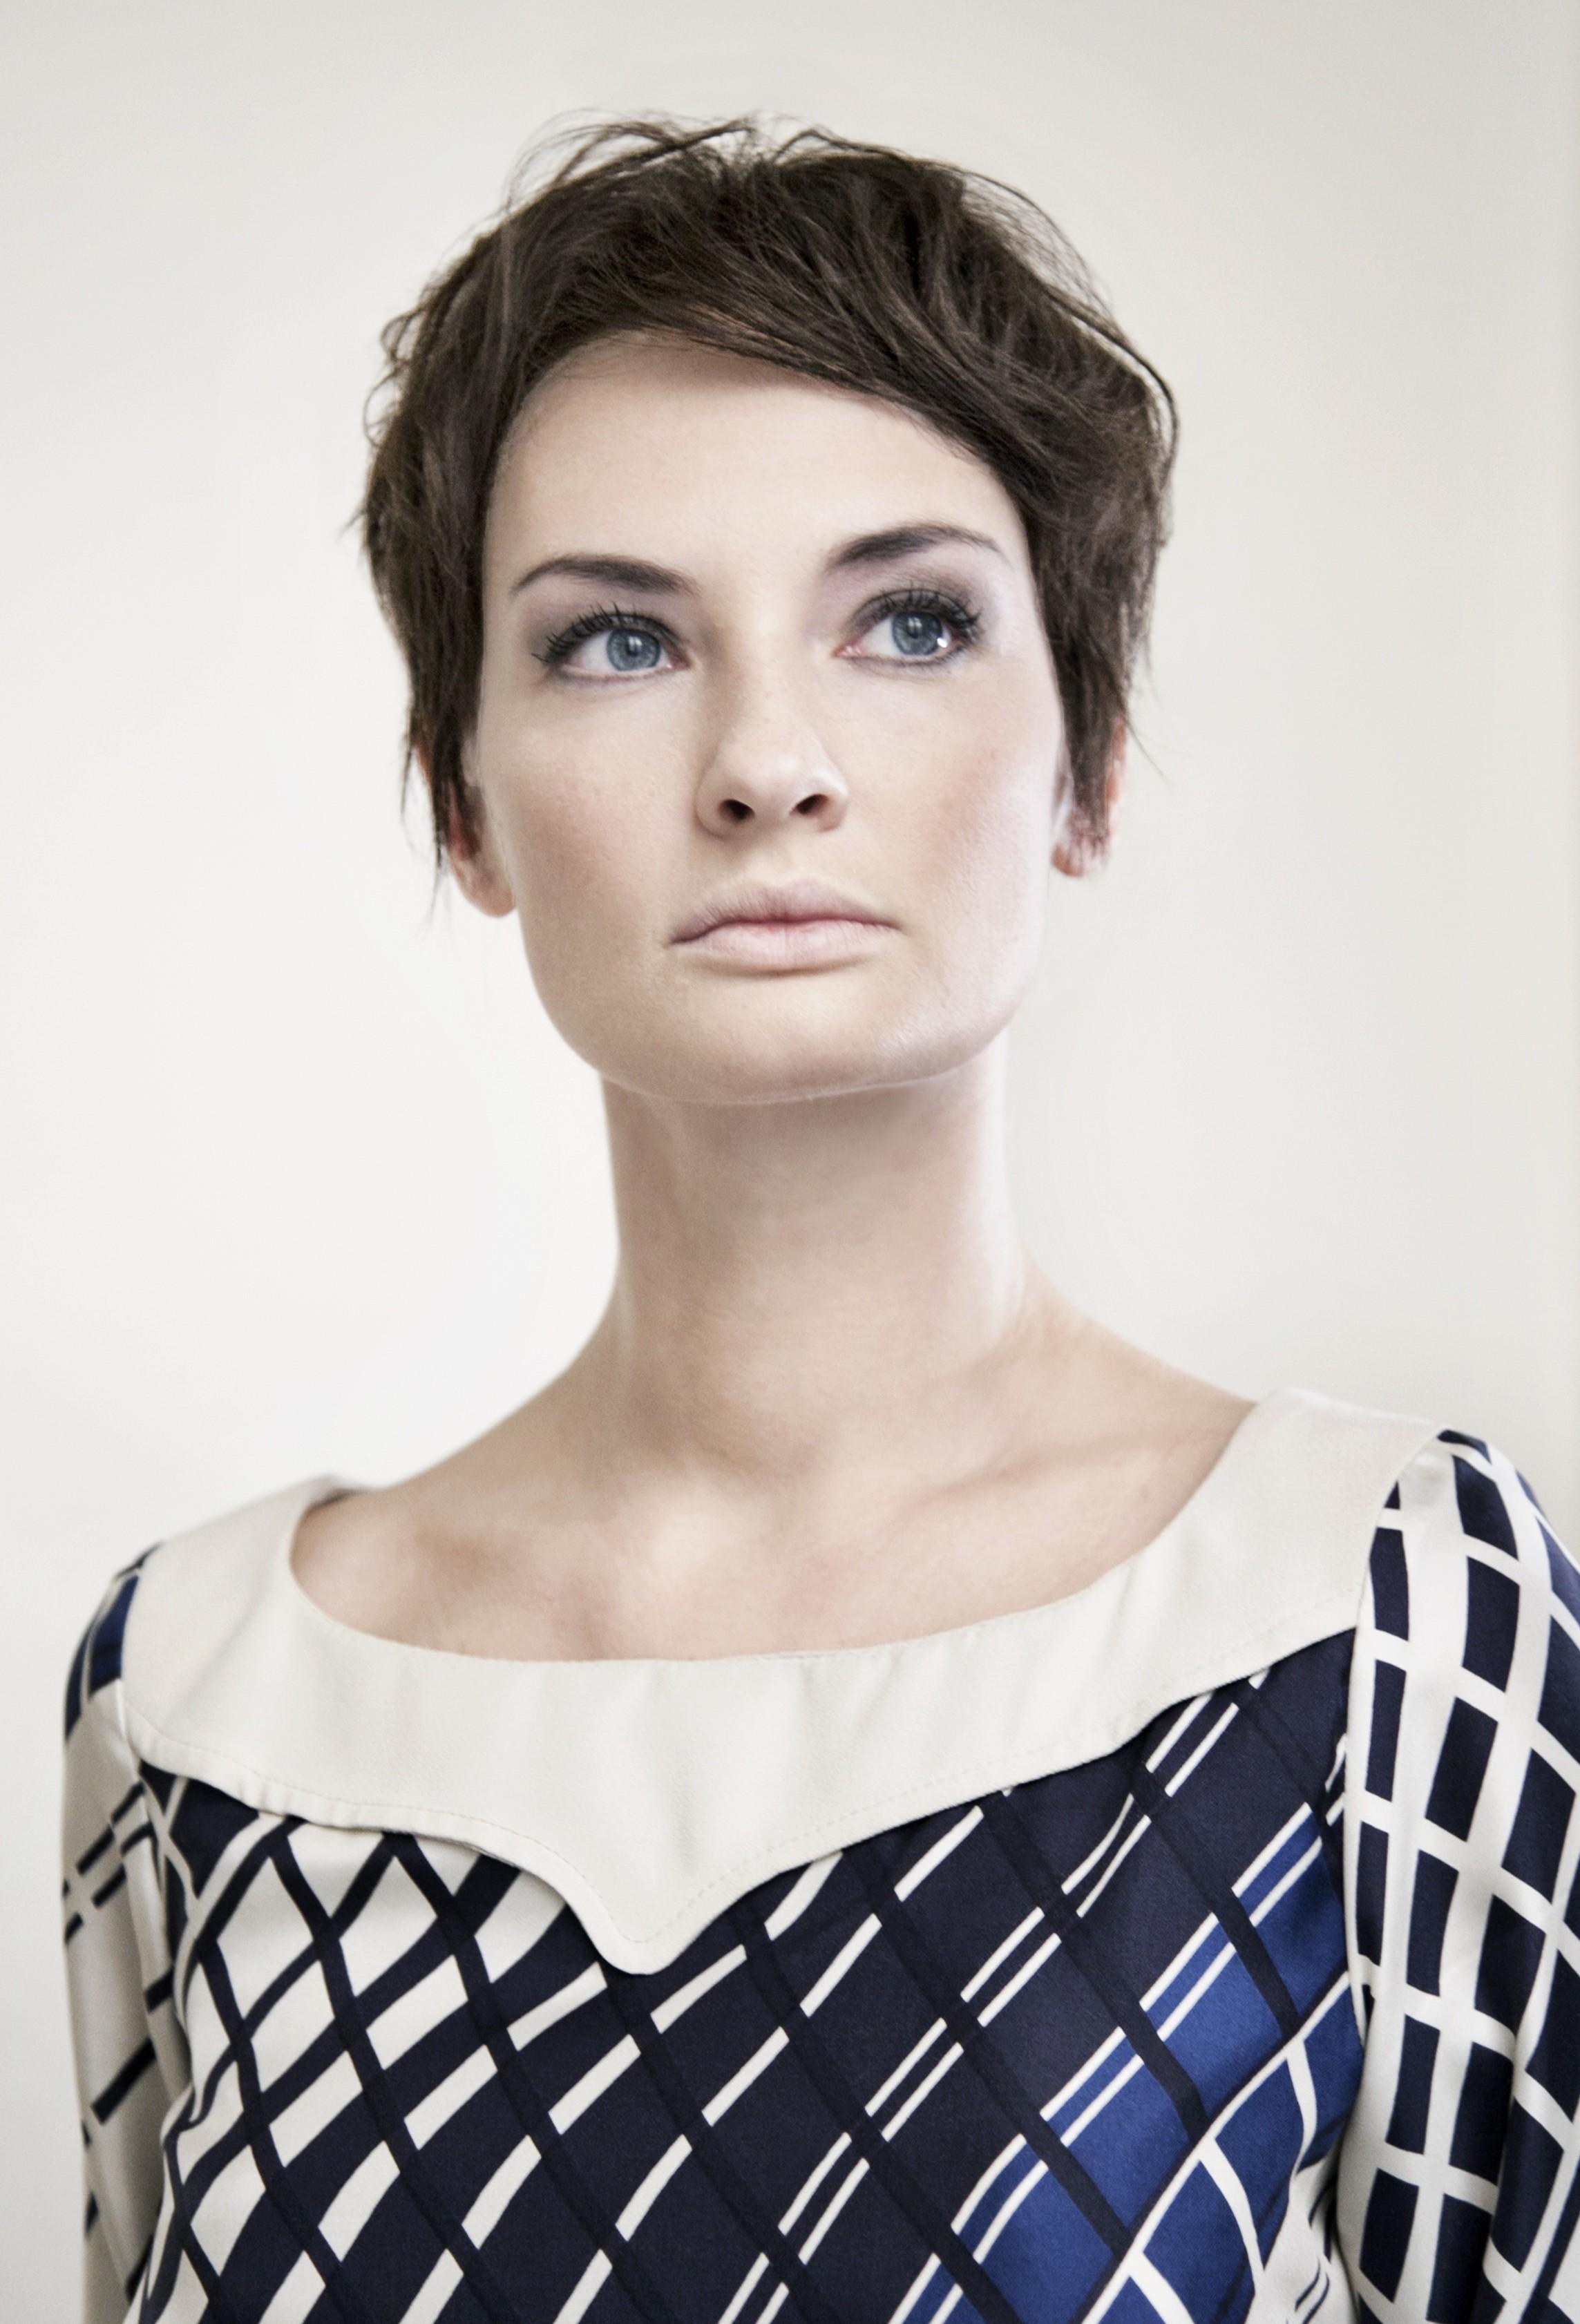 Foto de 11 propuestas muy primaverales (e ideales) para el cabello del estilista Rossano Ferretti, el nuevo embajador global de Coty (10/11)